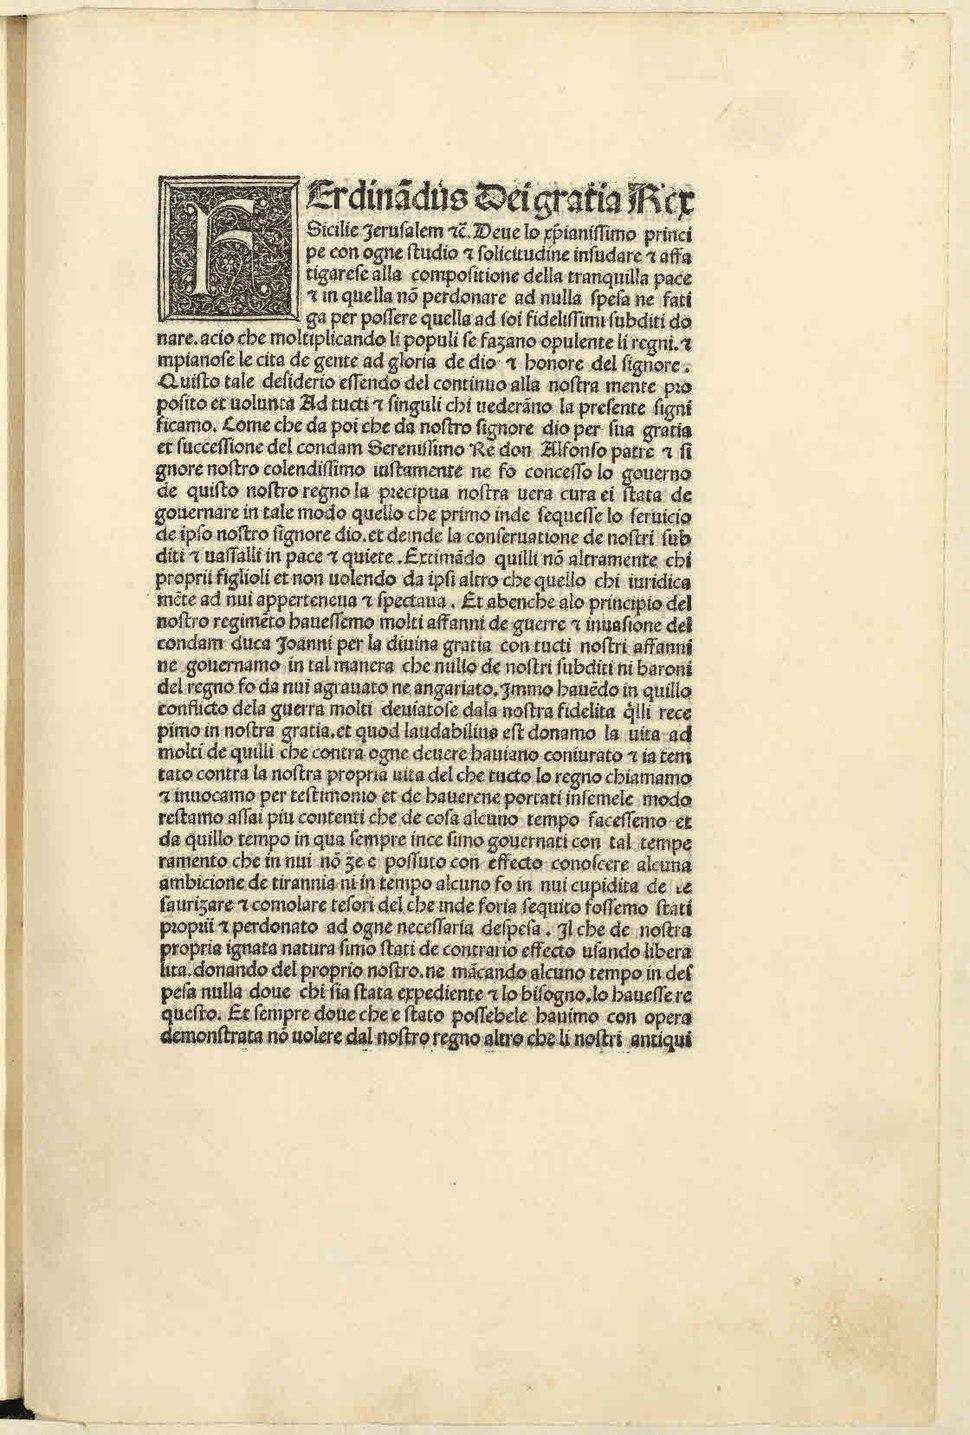 Ferdinando - Esortazione di insorgere contro i baroni ribelli, circa 1486 - 2391599